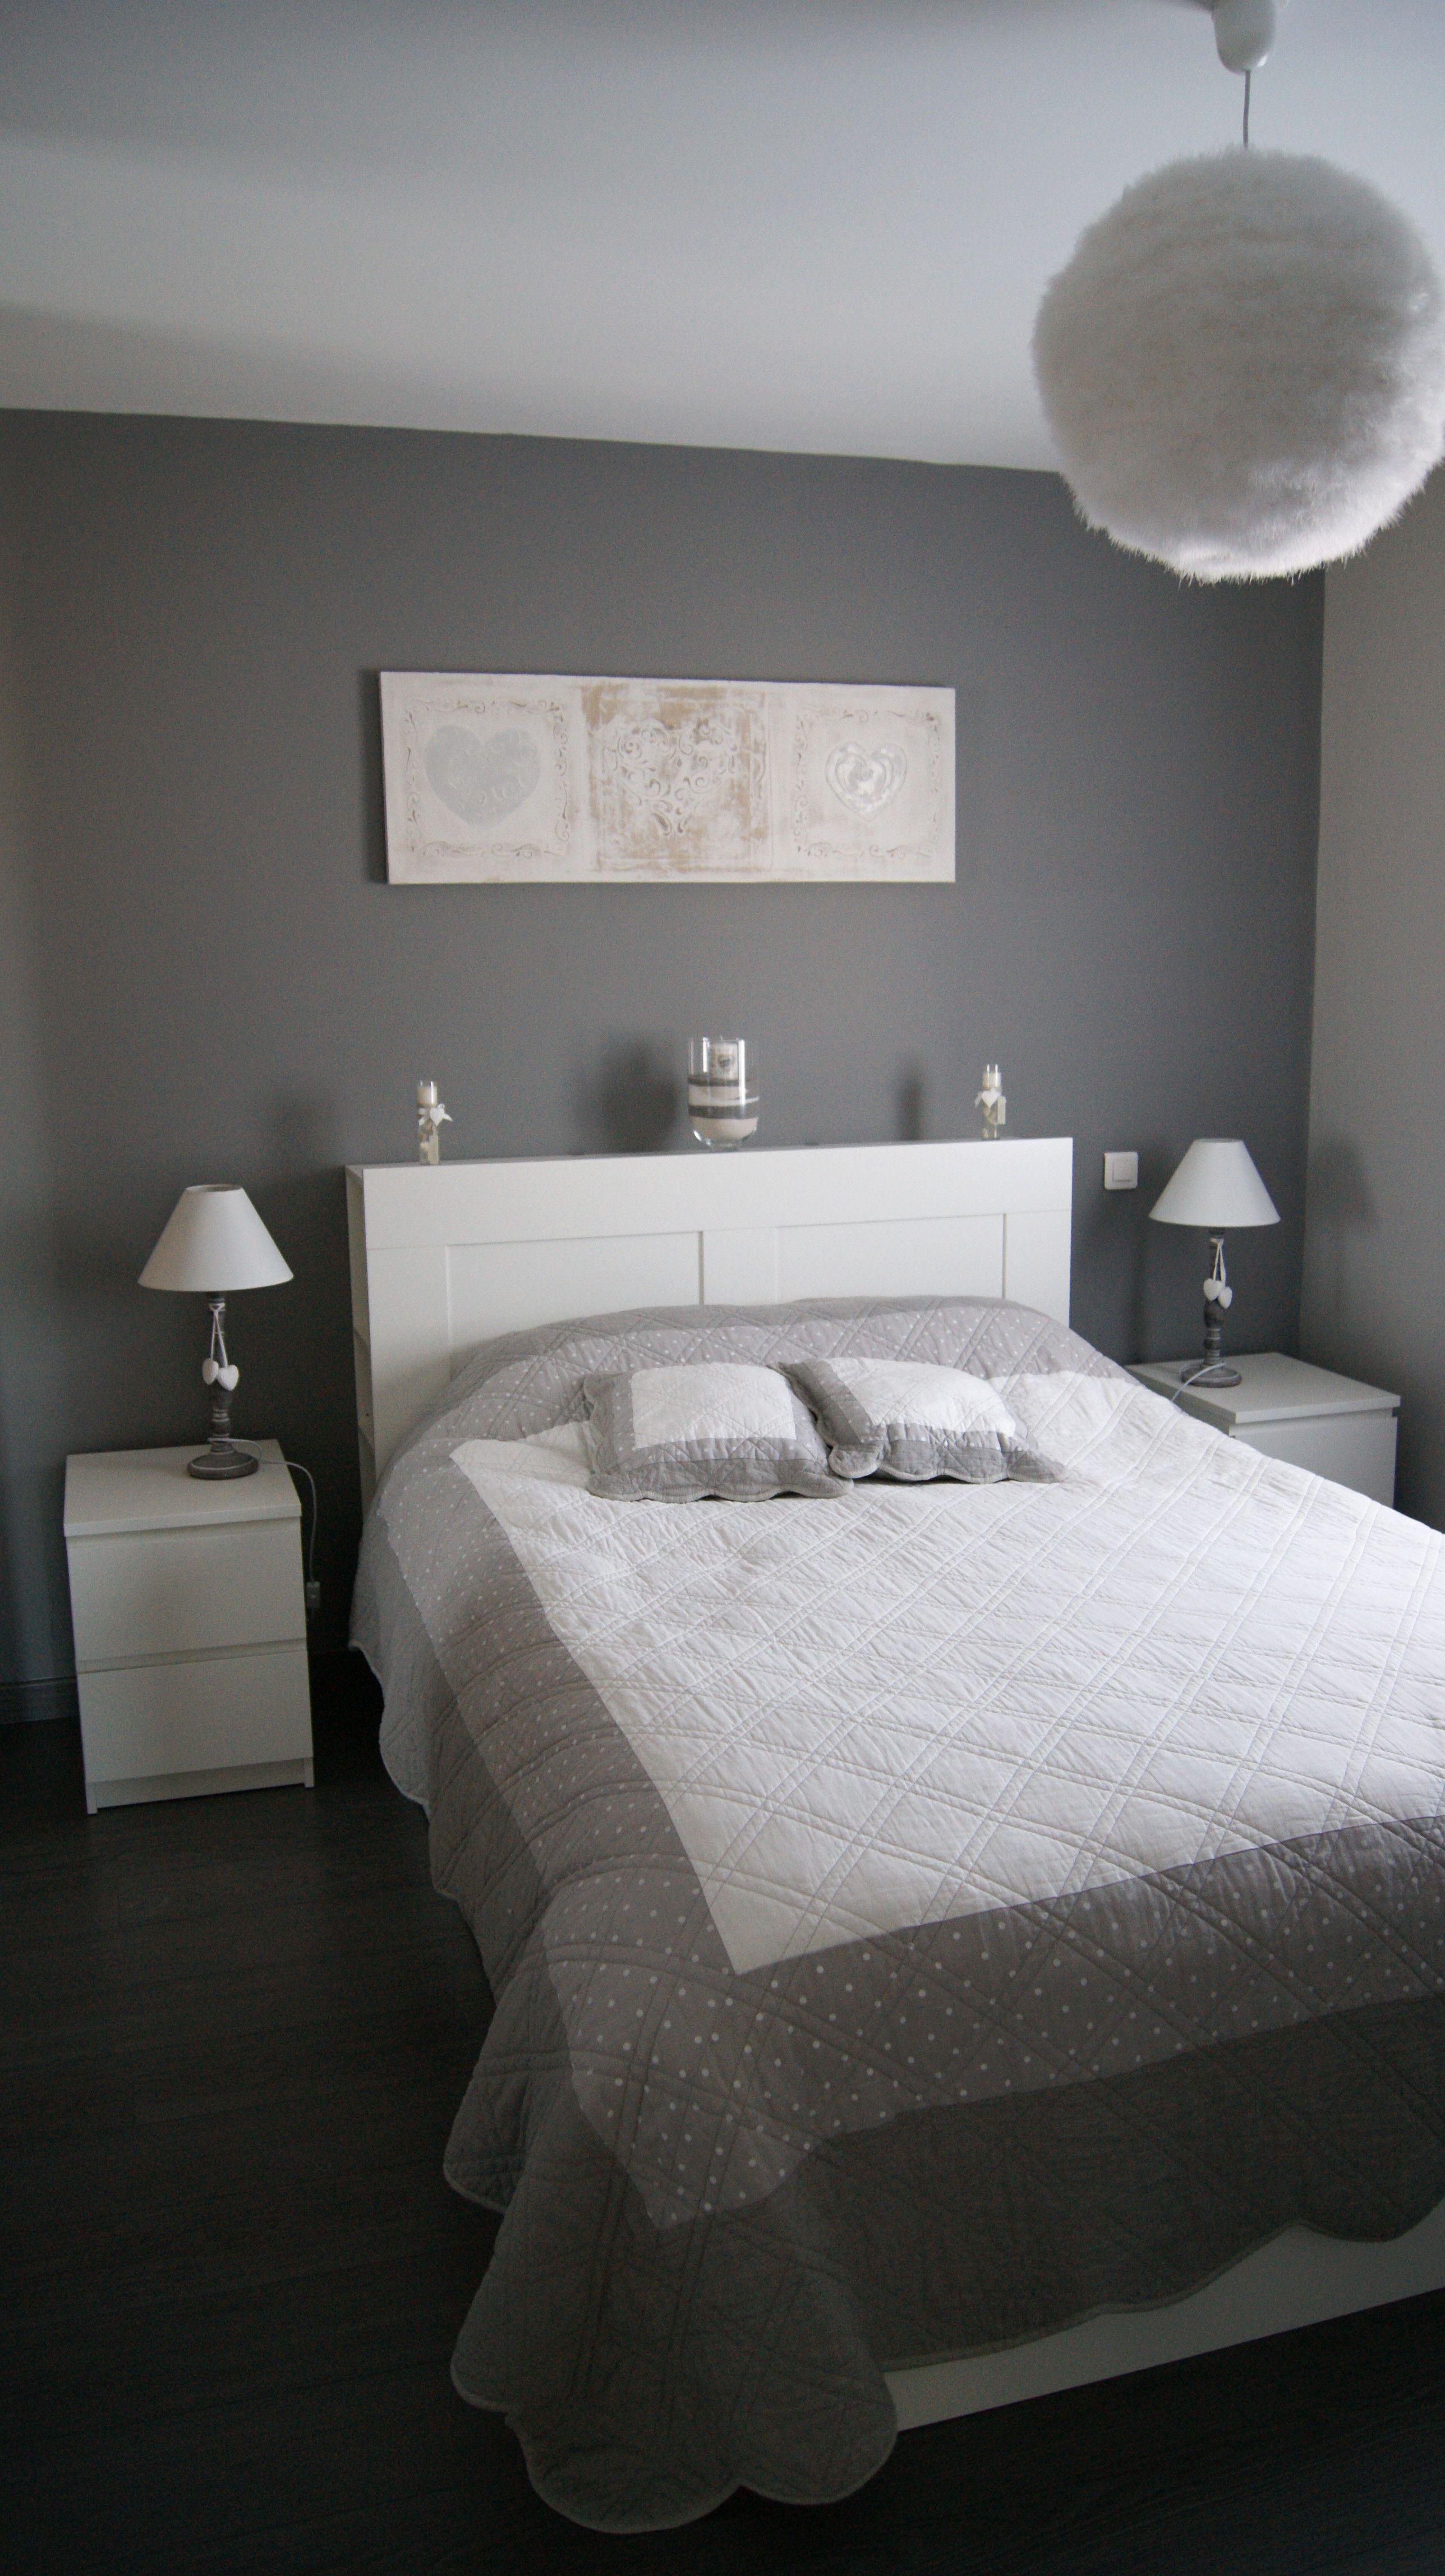 Inspirational chambre parentale romantique id es de - Decoration interieur chambre adulte ...